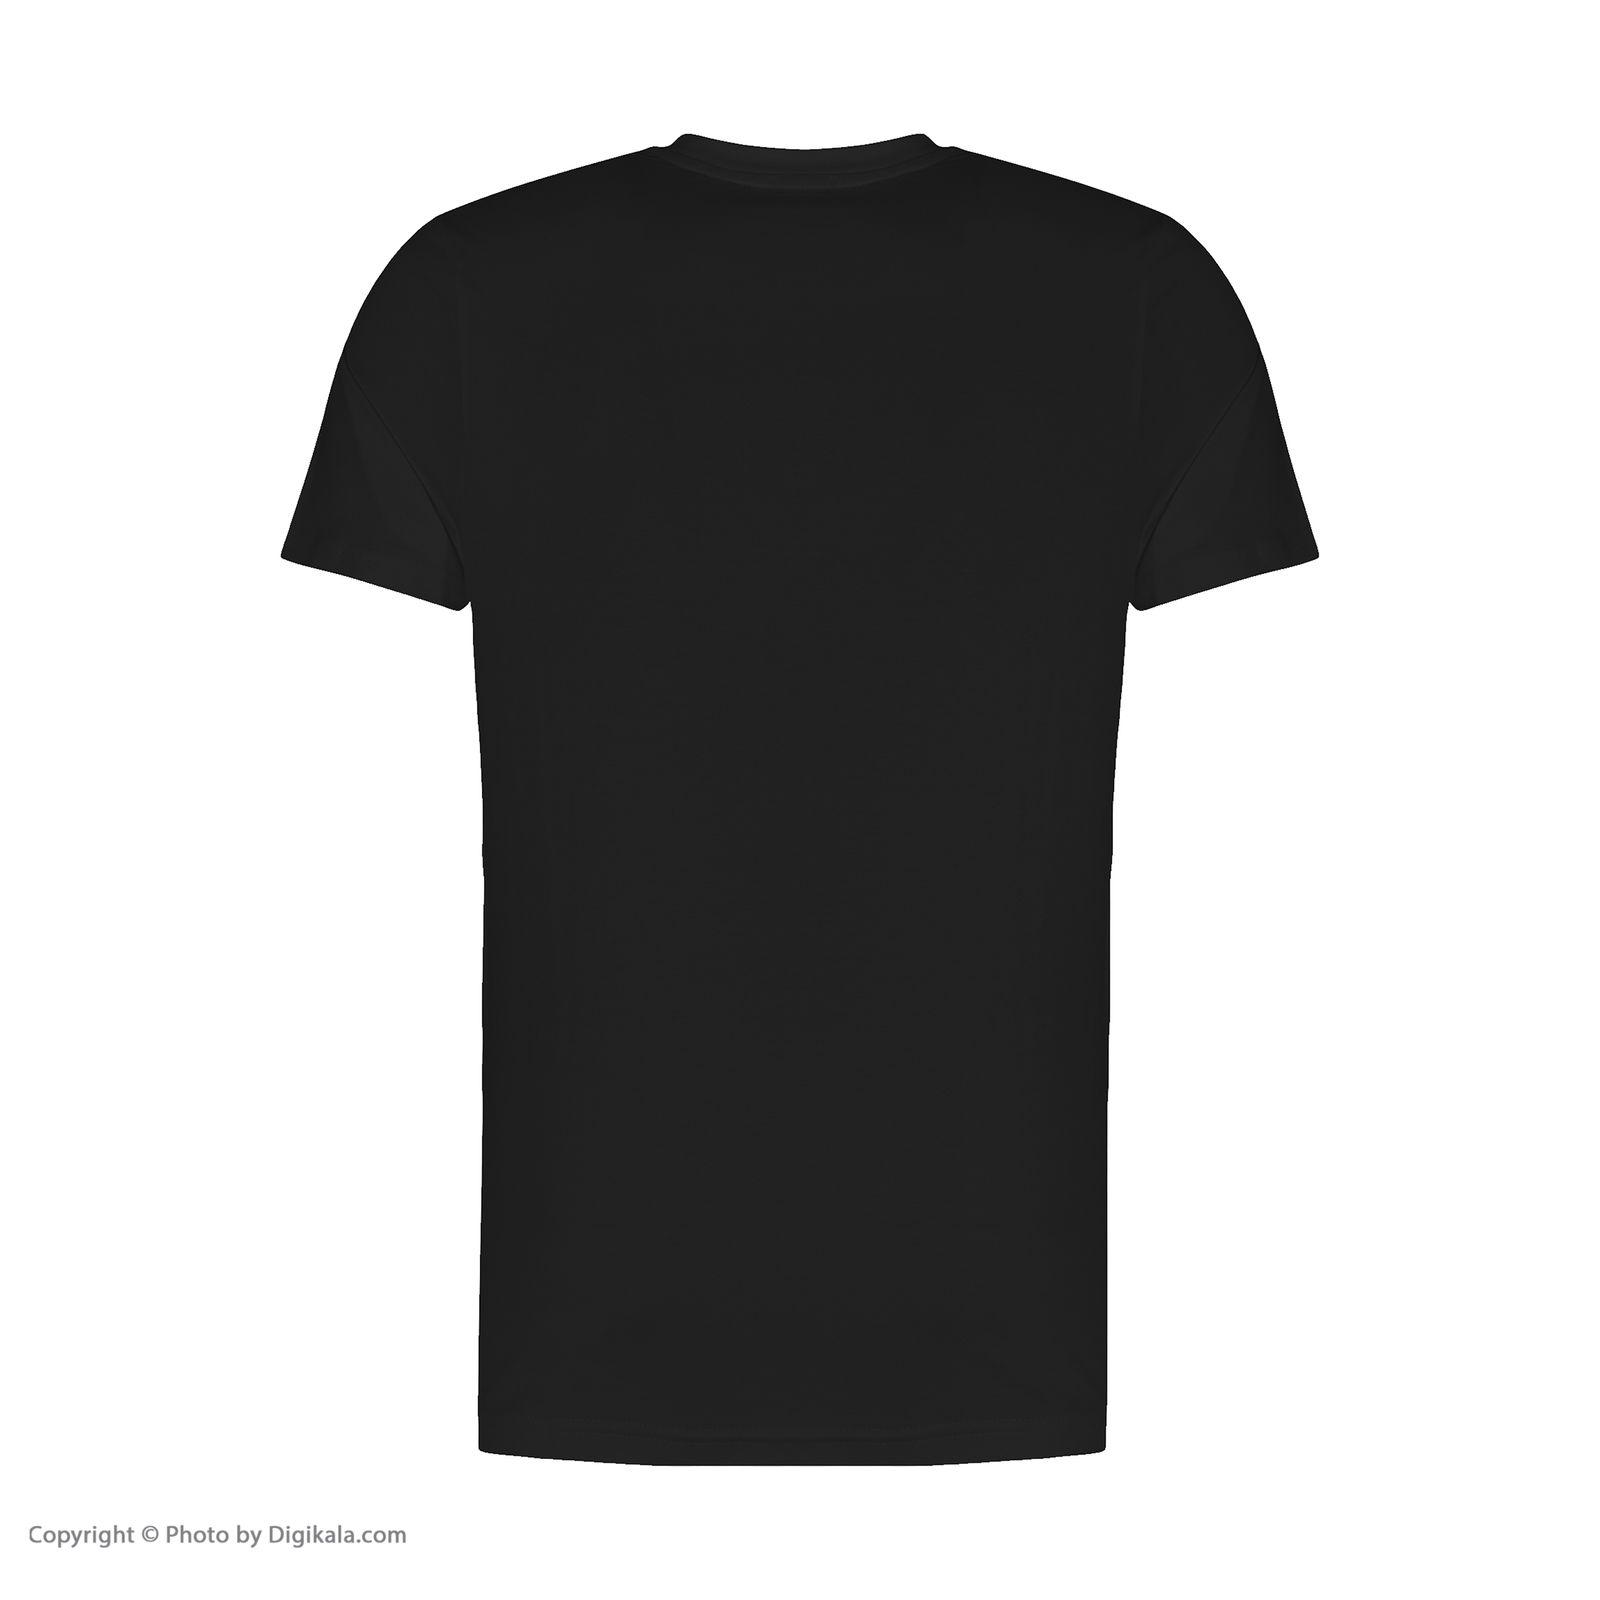 تی شرت مردانه آر ان اس مدل 131005-99 -  - 3